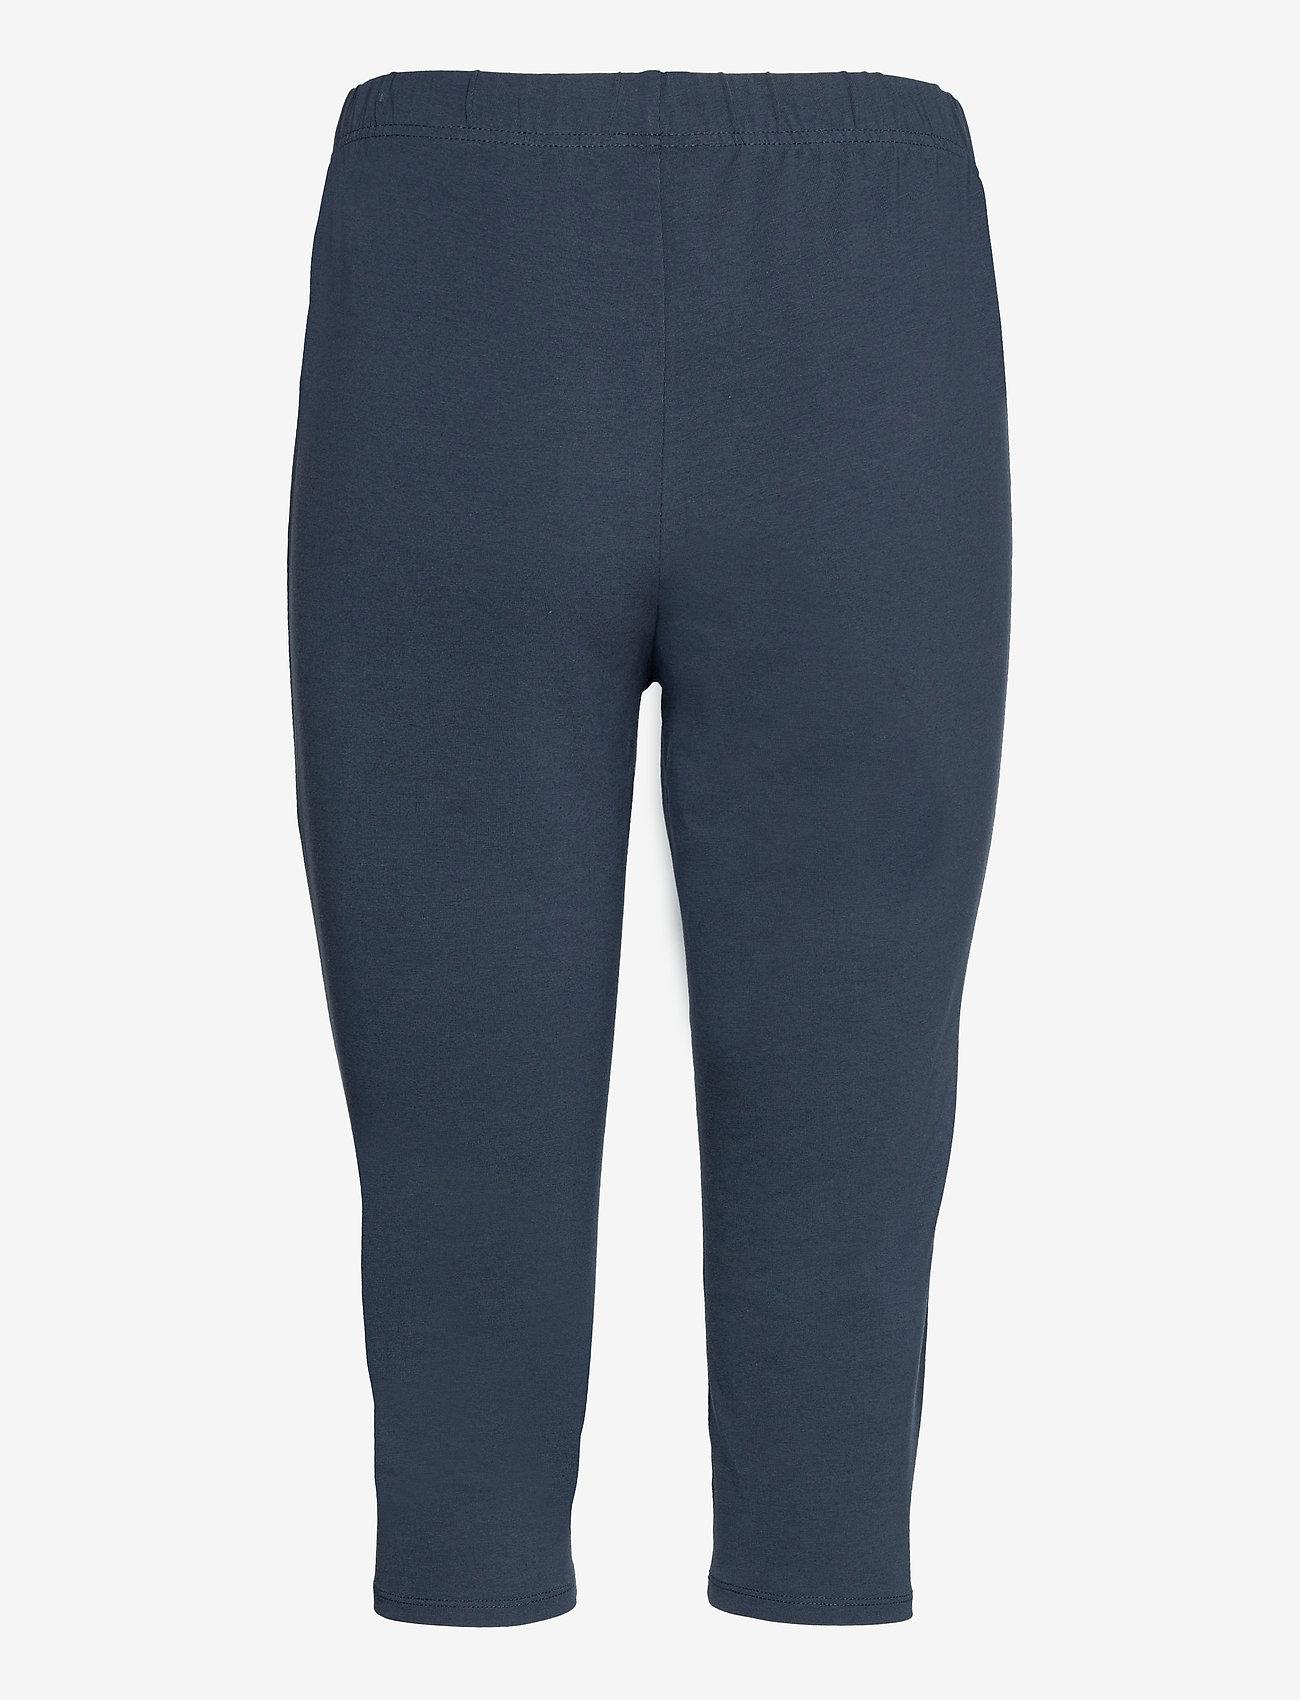 Lindex - Leggings Vigge - leggings - blue - 1